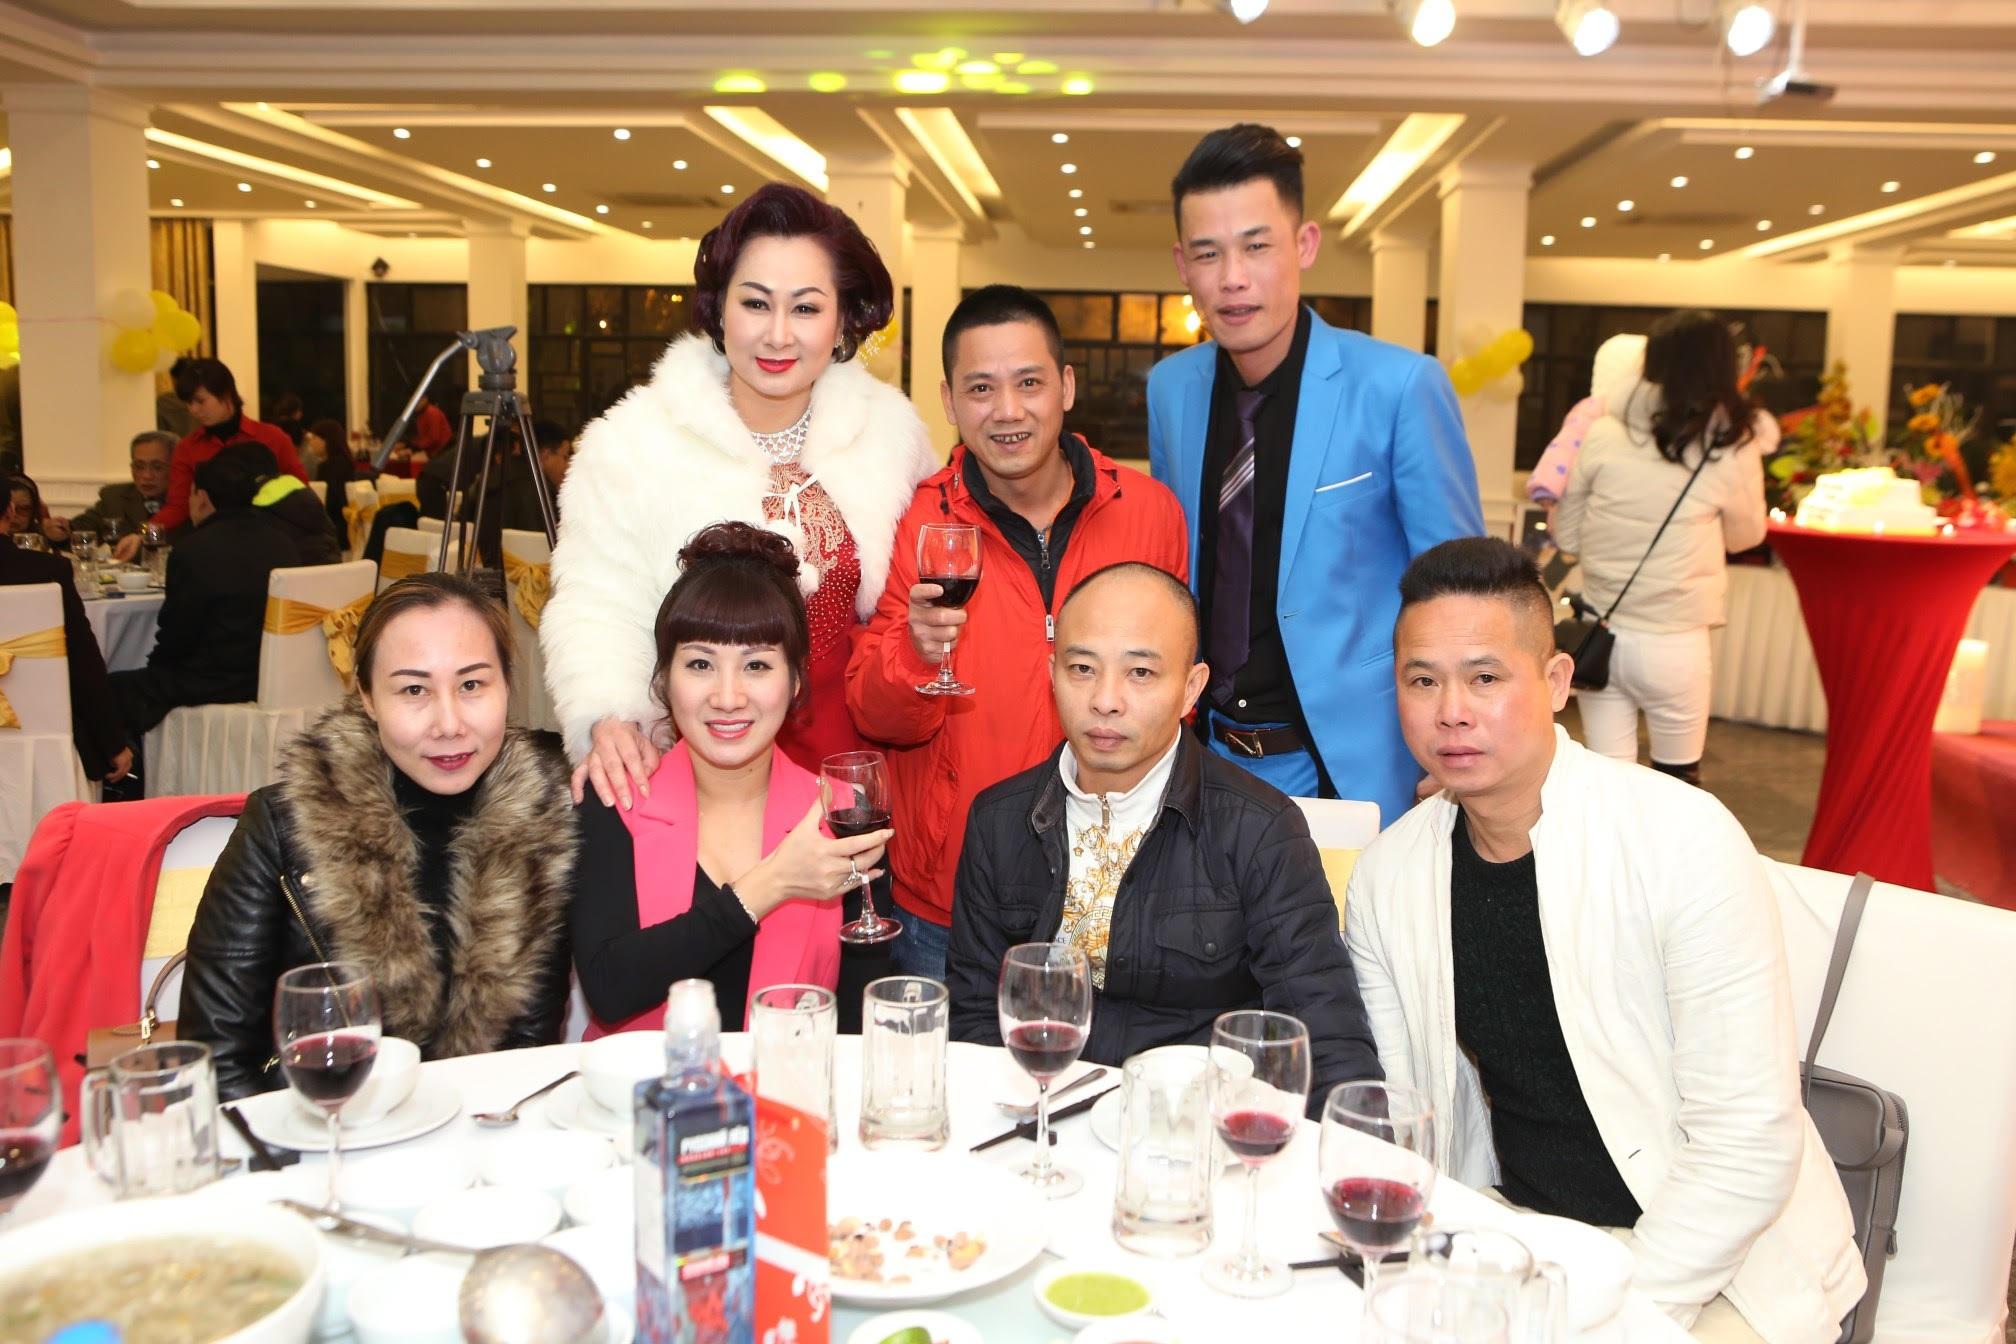 Không chỉ đến dự tiệc, Hiệp gà cùng một số nghệ sỹ còn làm trò để mang tiếng cười đến cho khách mời.